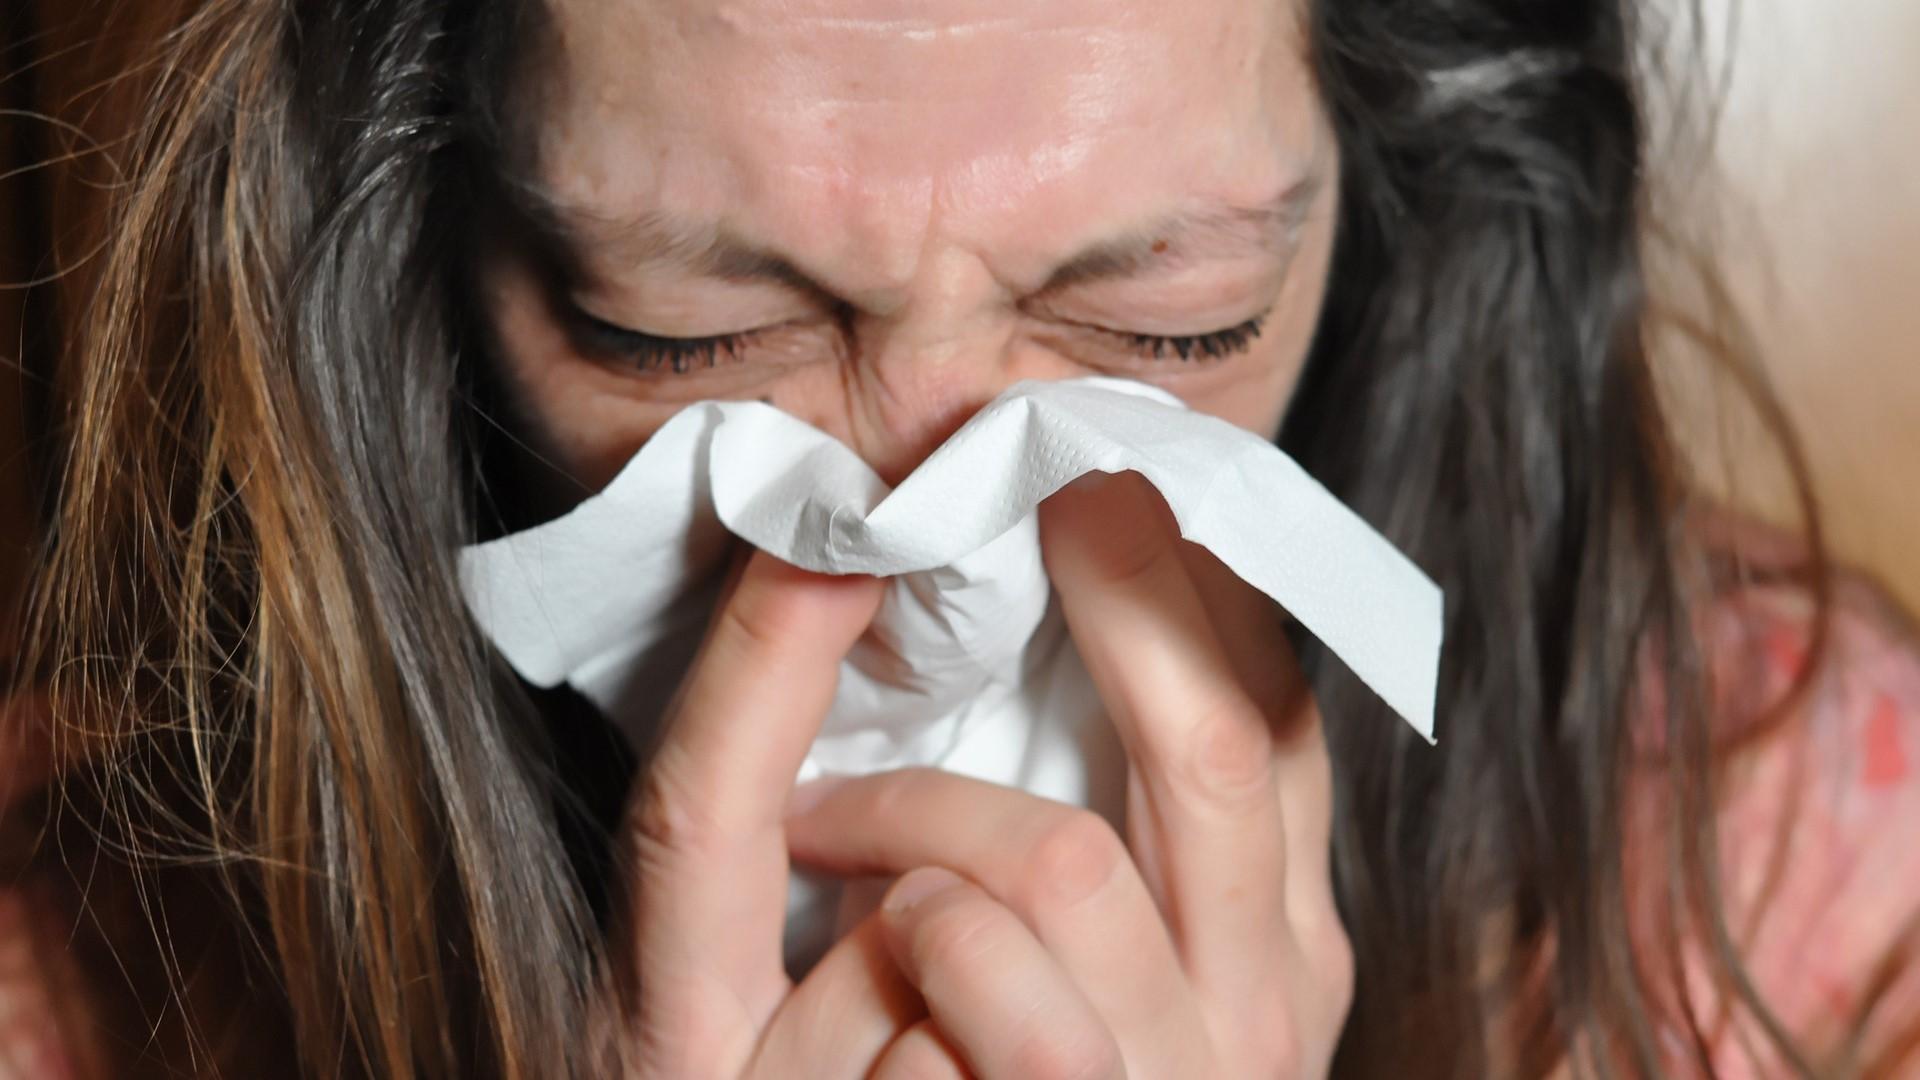 Um Nasenbluten vorzubeugen, sollten Sie nur sanft Ihre Nase putzen.